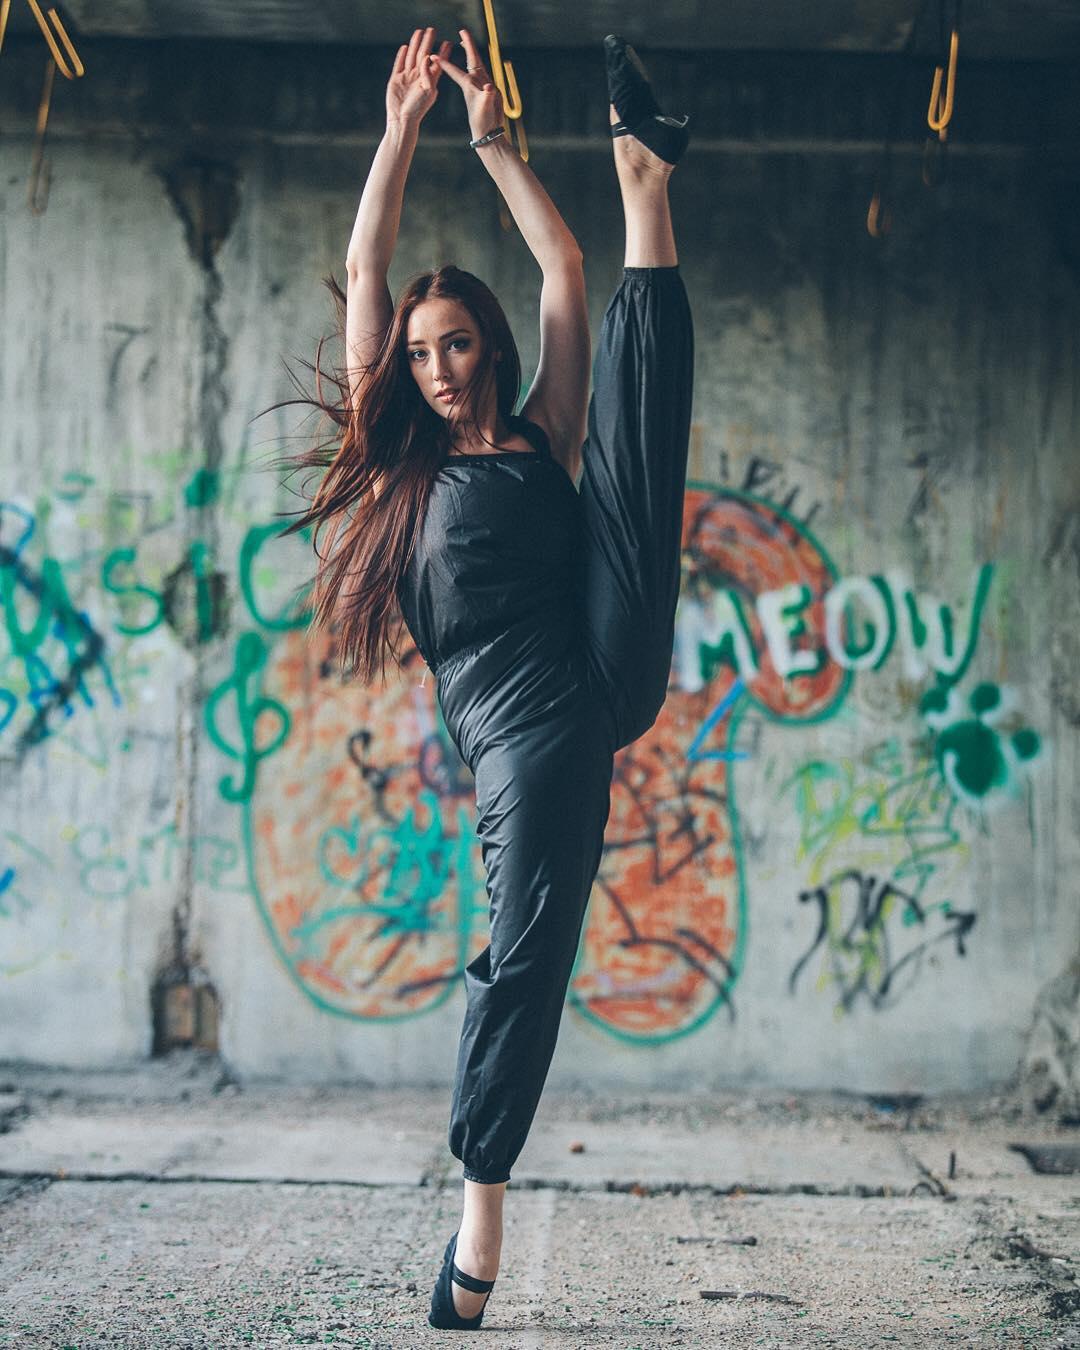 Для того, чтобы во время разминки мышцы хорошенько прогрелись, профессиональные балерины либо надевают на себя сто одежек, либо вот такой комбинезон как на @kchusovitina с эффектом сауны КМС-83, цена 2500 руб., размеры с 38 по 48.Фотограф : @amirgumerov_photographer @teamsportgala